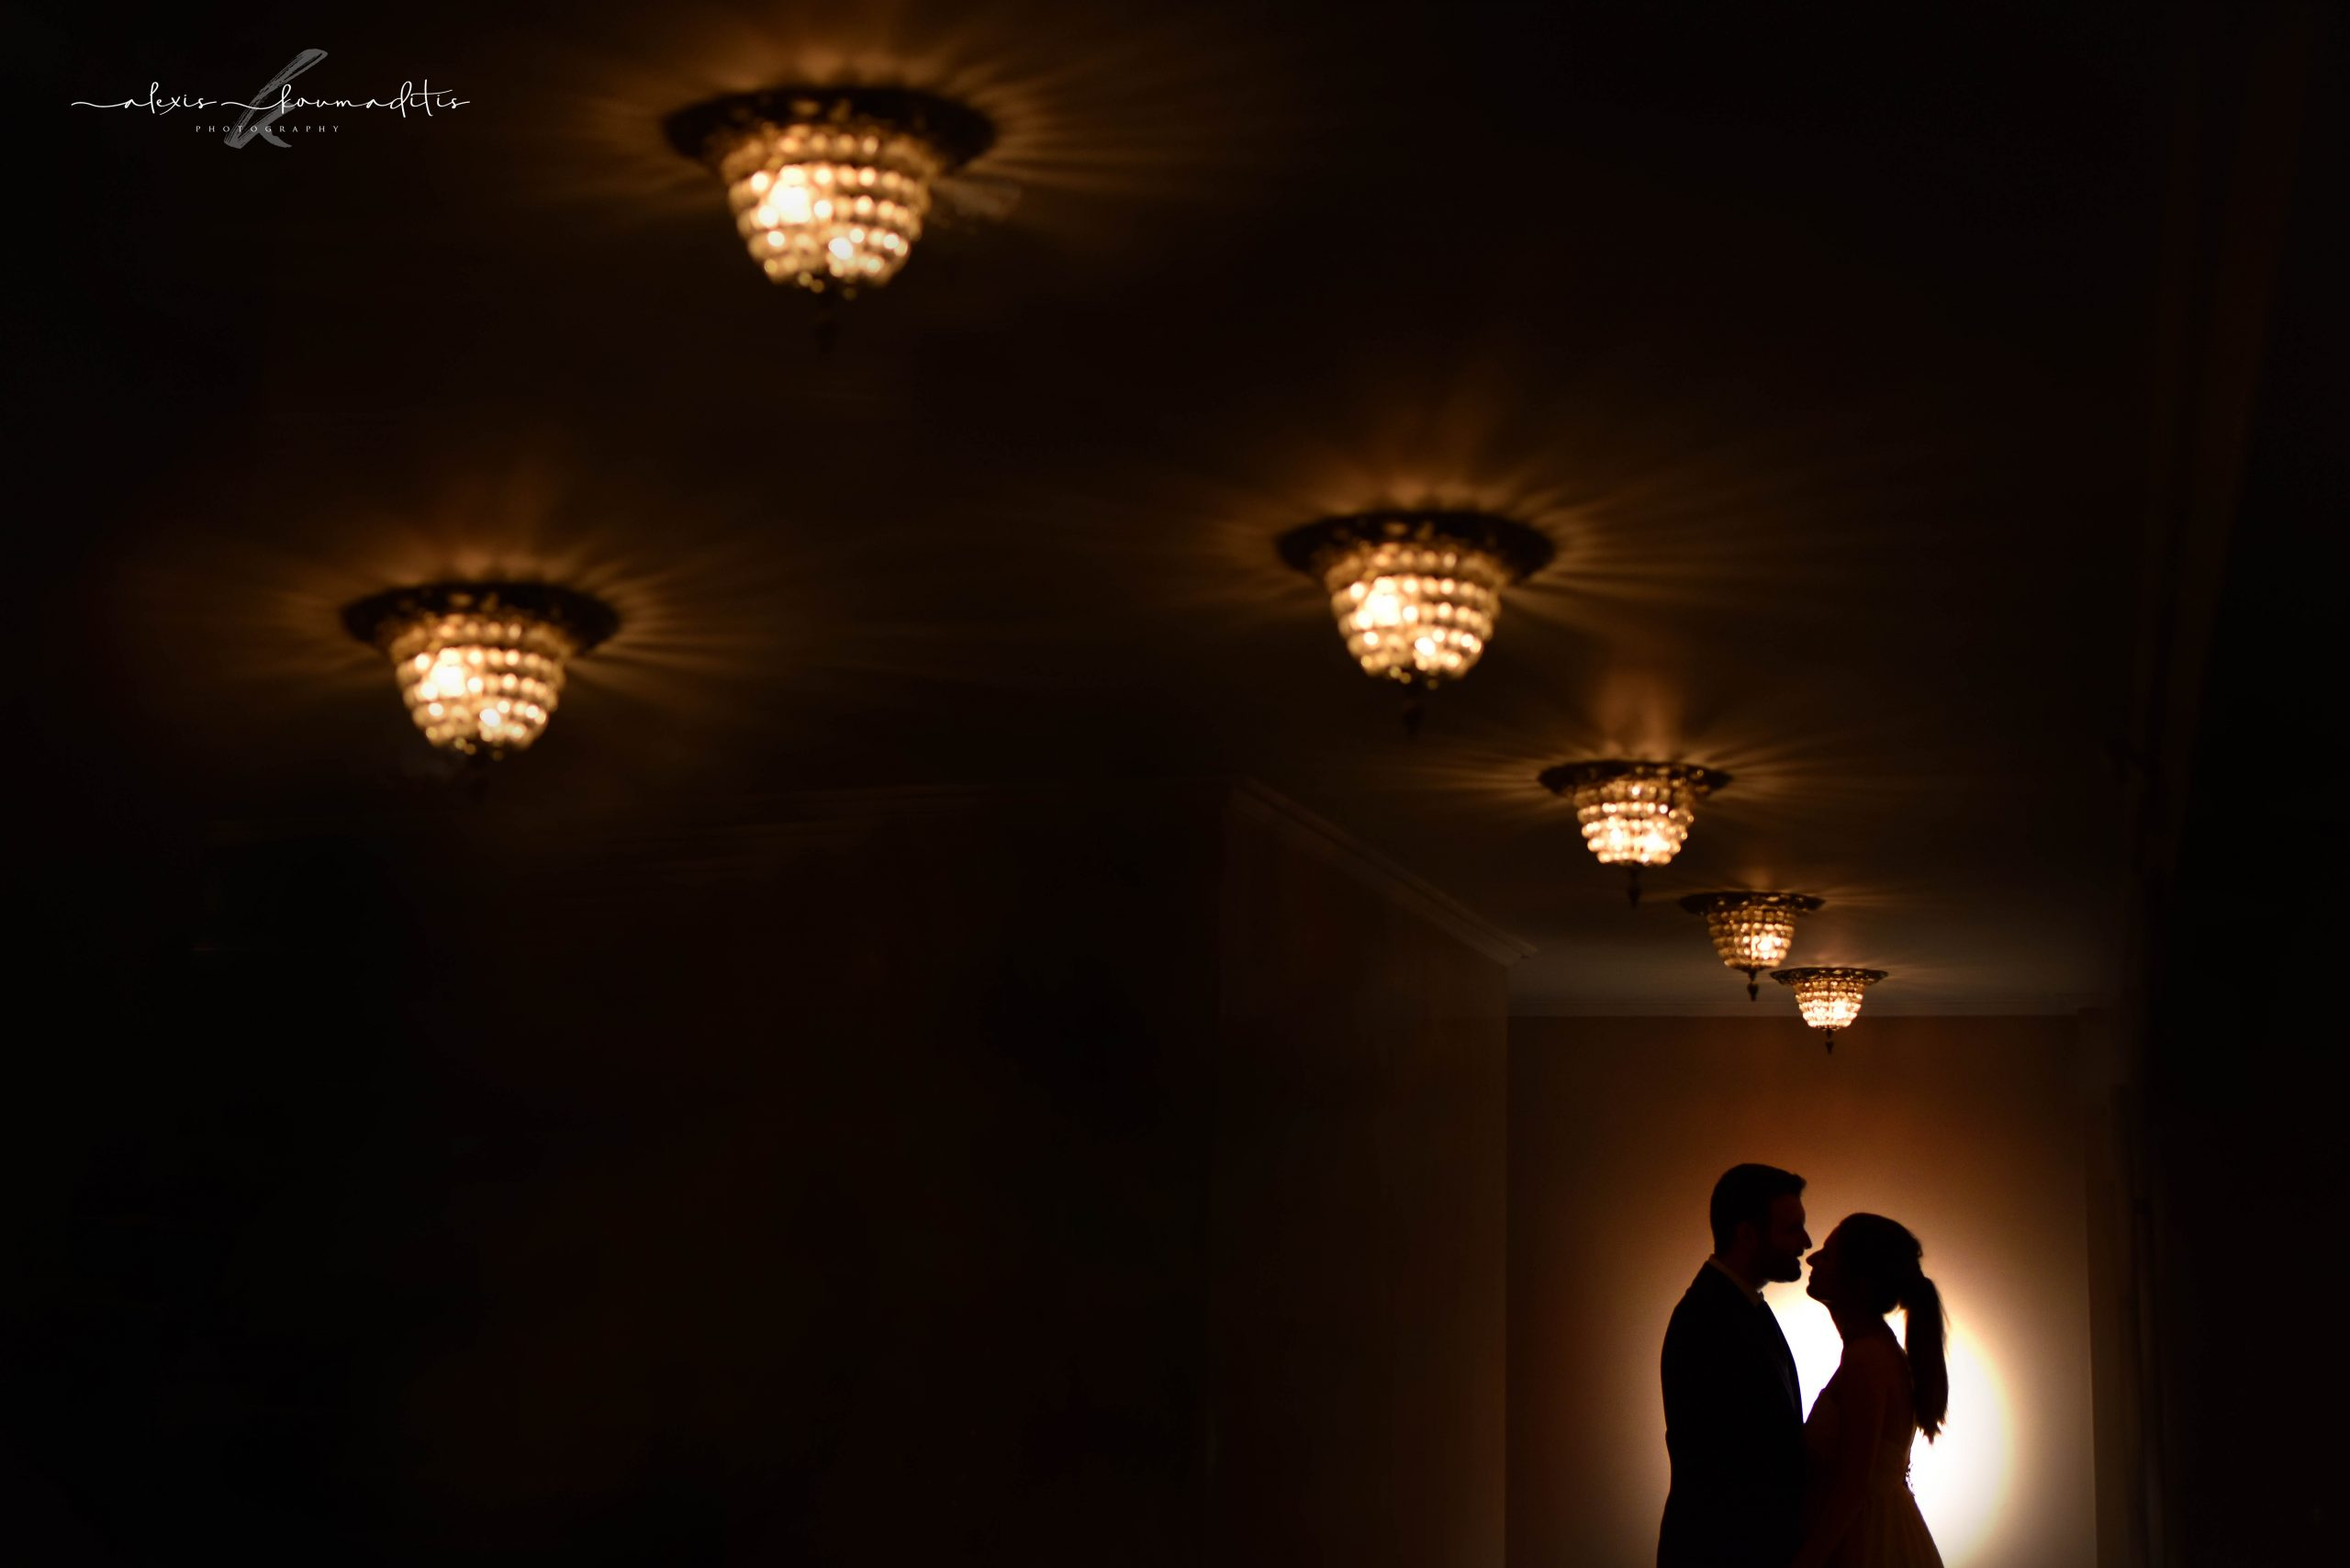 wedding-photography-θεσσαλια-λαρισα-φωτογραφια-γαμου-alexis-koumaditis